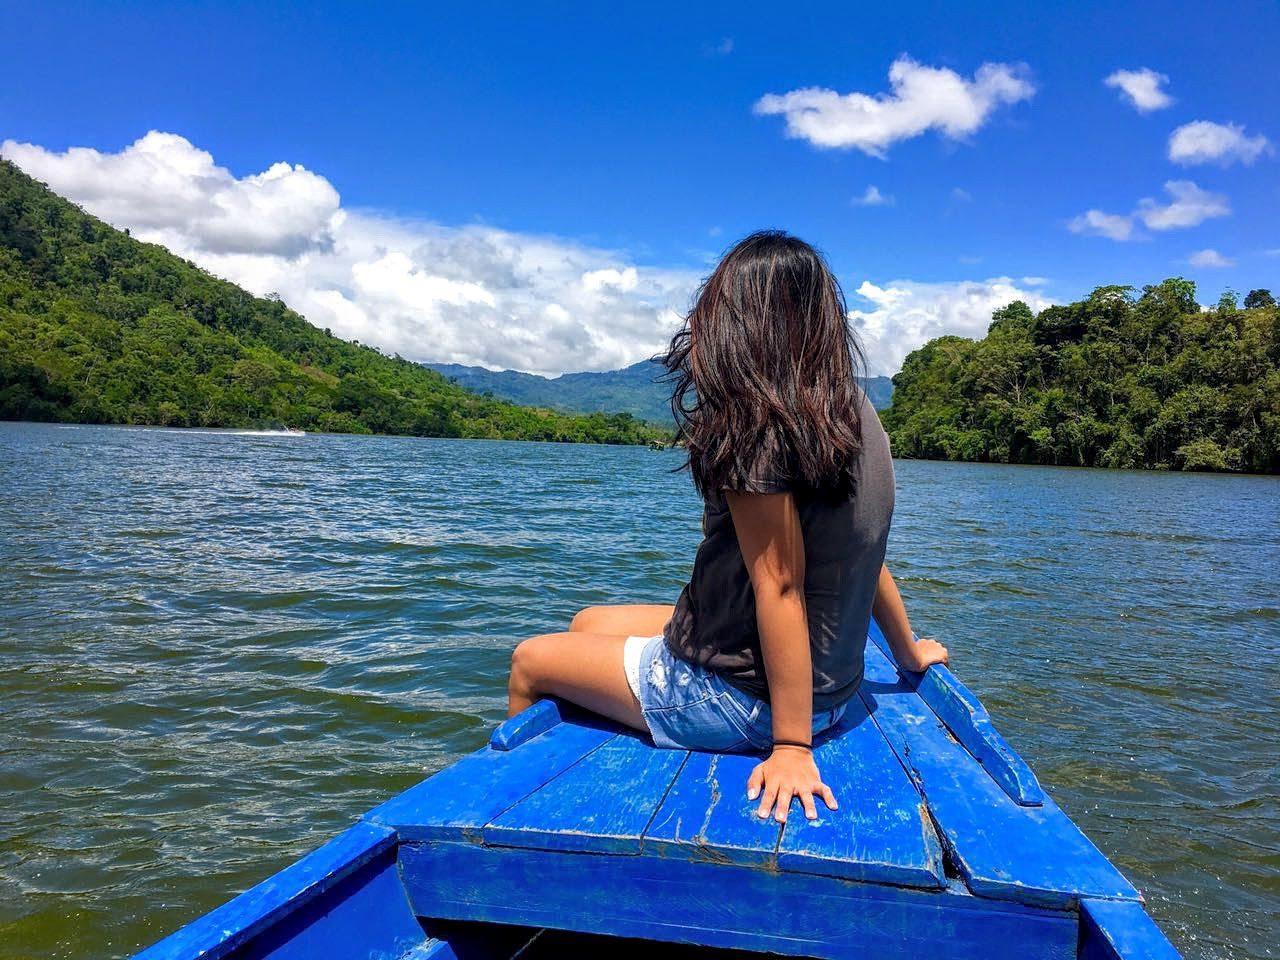 viajar sola en Perú